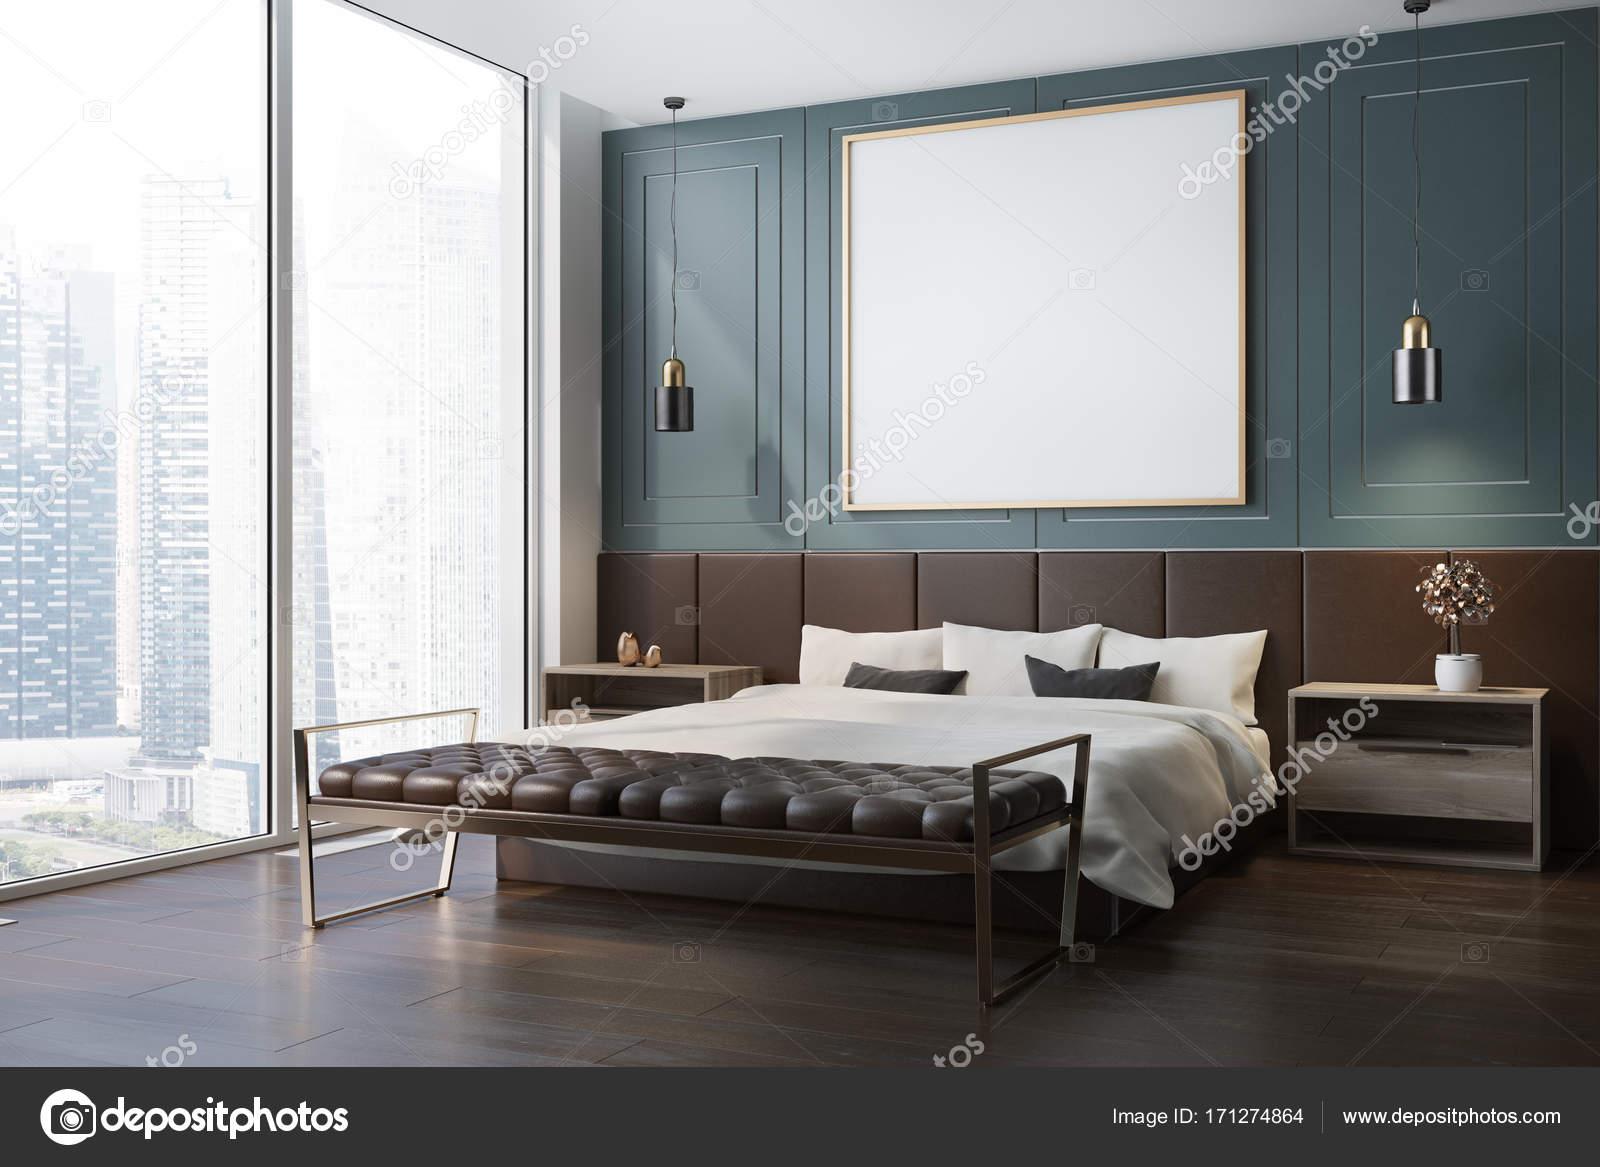 blauwe slaapkamer hoek met een donkere houten vloer een tweepersoonsbed met een ingelijste vierkante poster opknoping boven het en twee nachtkastjes